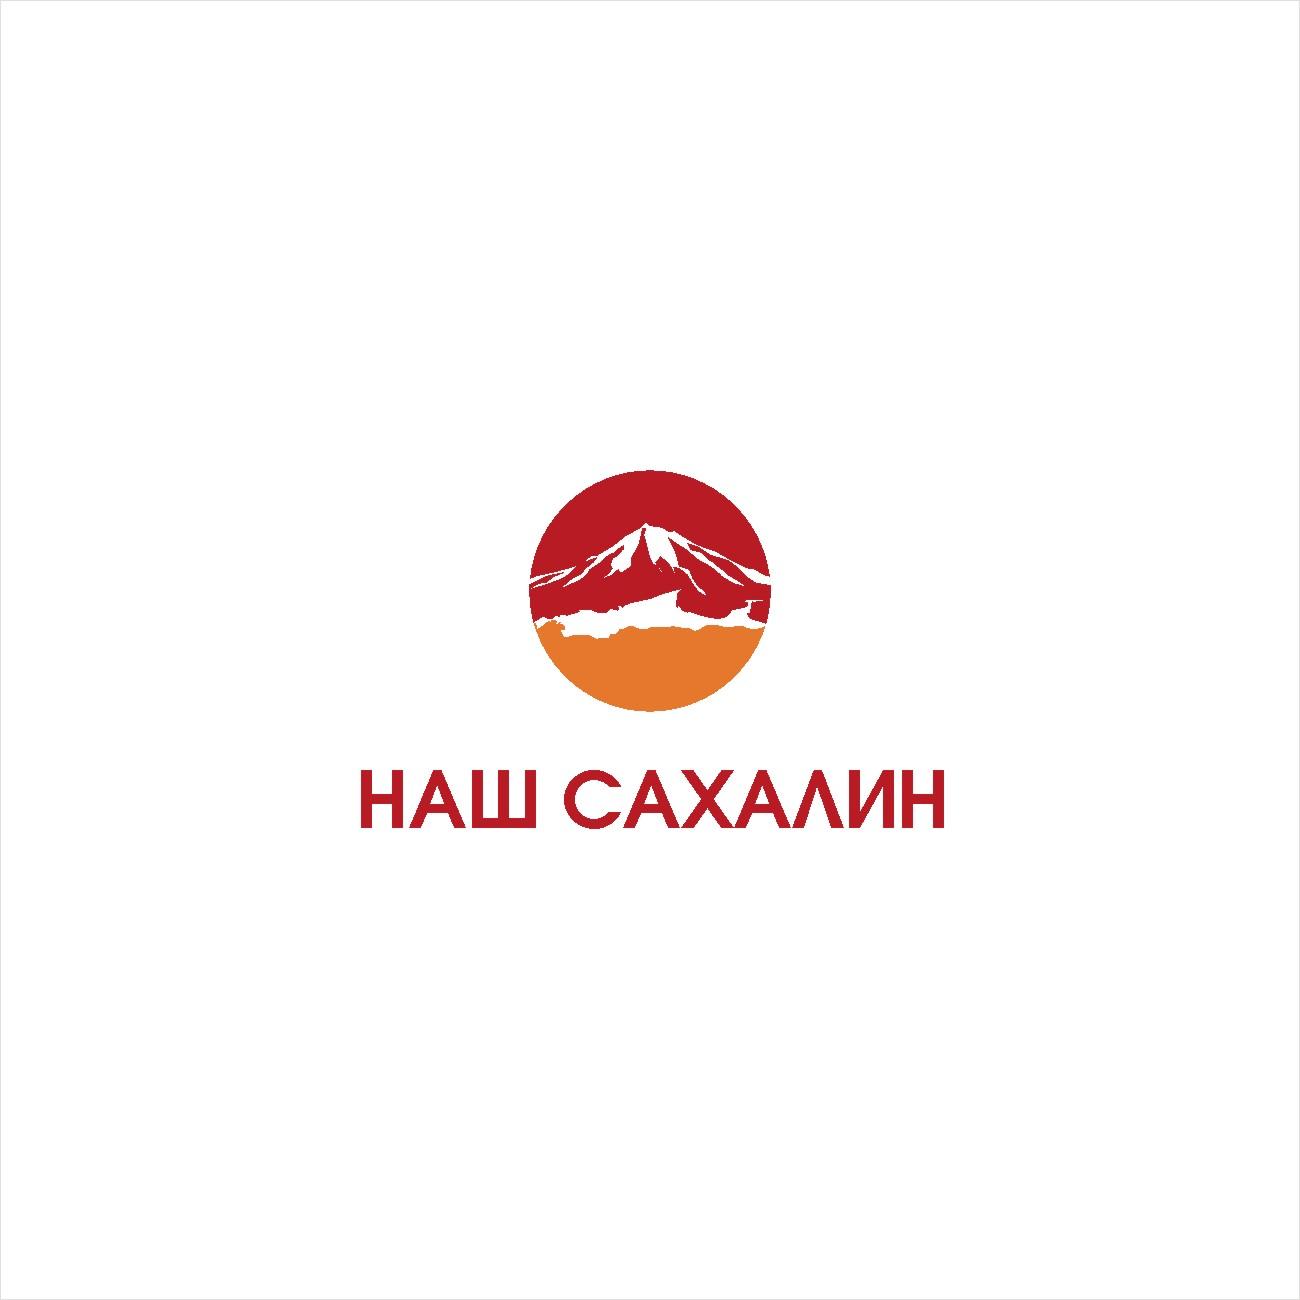 """Логотип для некоммерческой организации """"Наш Сахалин"""" фото f_5215a82f04e3b229.jpg"""